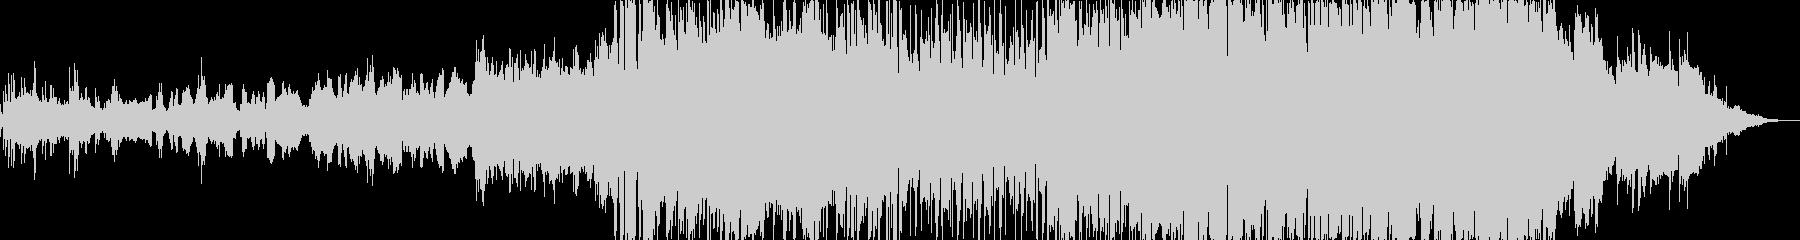 センチメンタルなK-popバラードの未再生の波形